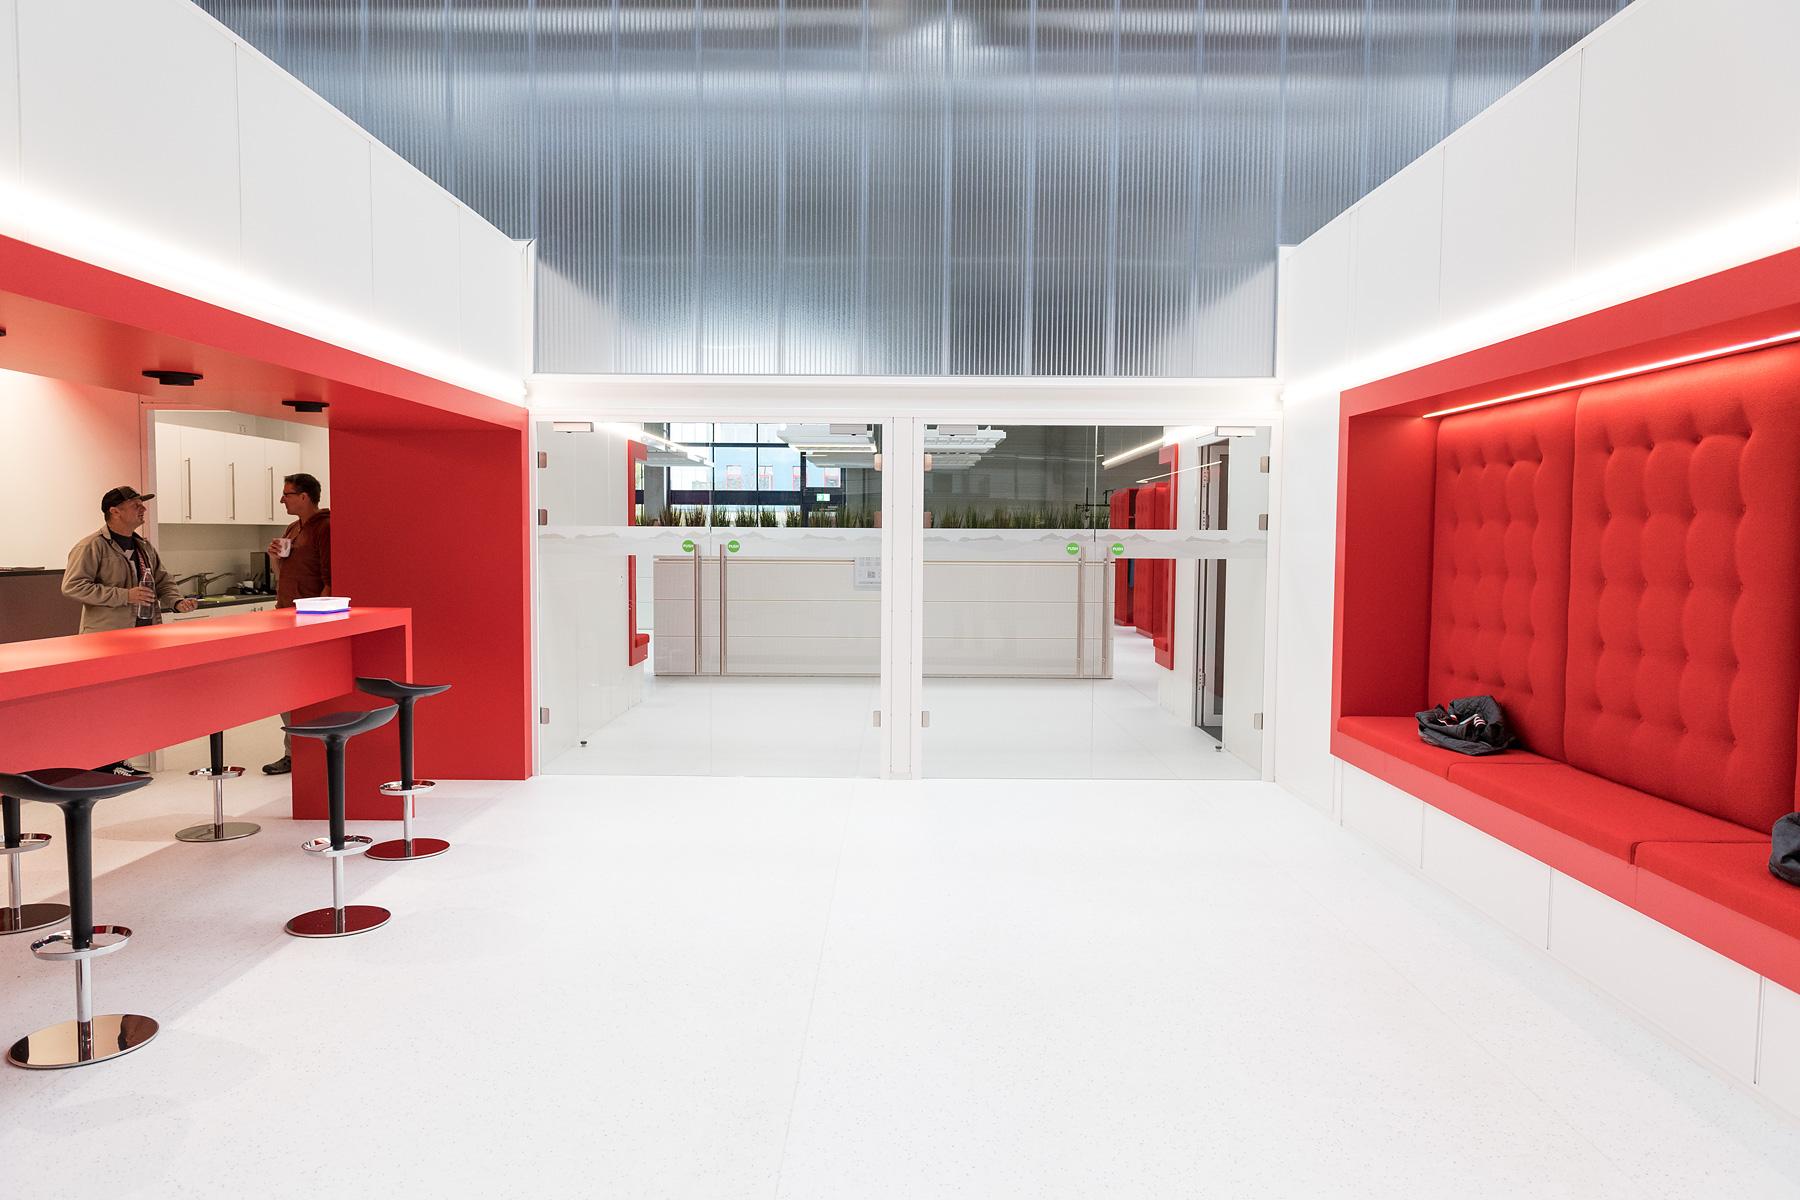 Der Eingang zu den heiligen Hallen, dem Think Tank, blieb uns leider verwehrt. Die Uhren ticken hier ein wenig anders, denn die Ingenieure sowie Produktmanager denken sich in dem Bürokomplex Antriebskonzepte von morgen aus.